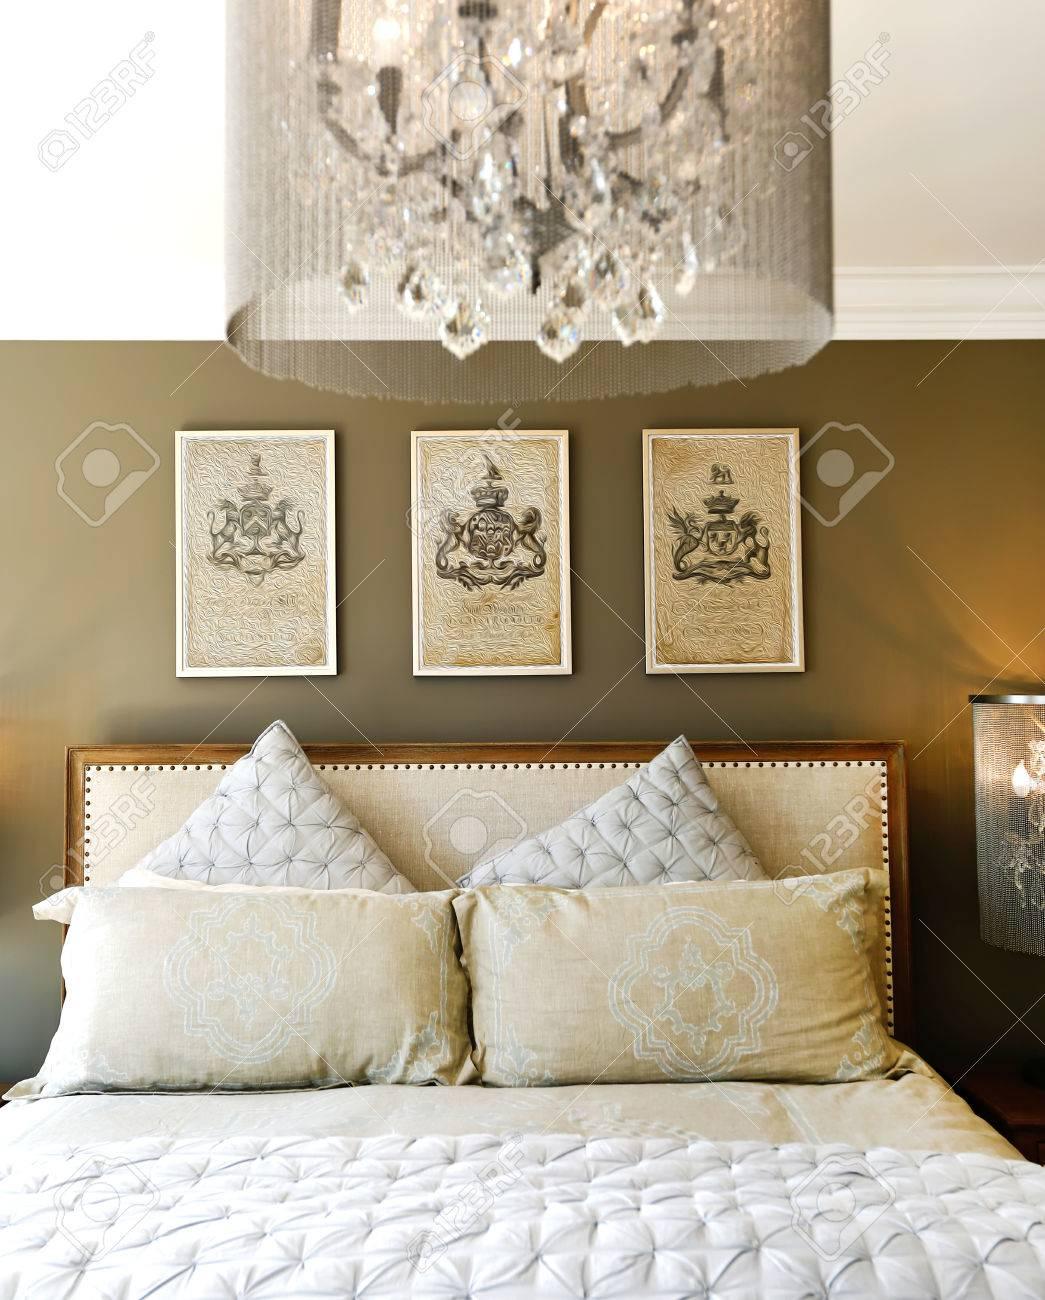 mobili di lusso camera da letto. intagliato letto in legno con ... - Cuscini Camera Da Letto